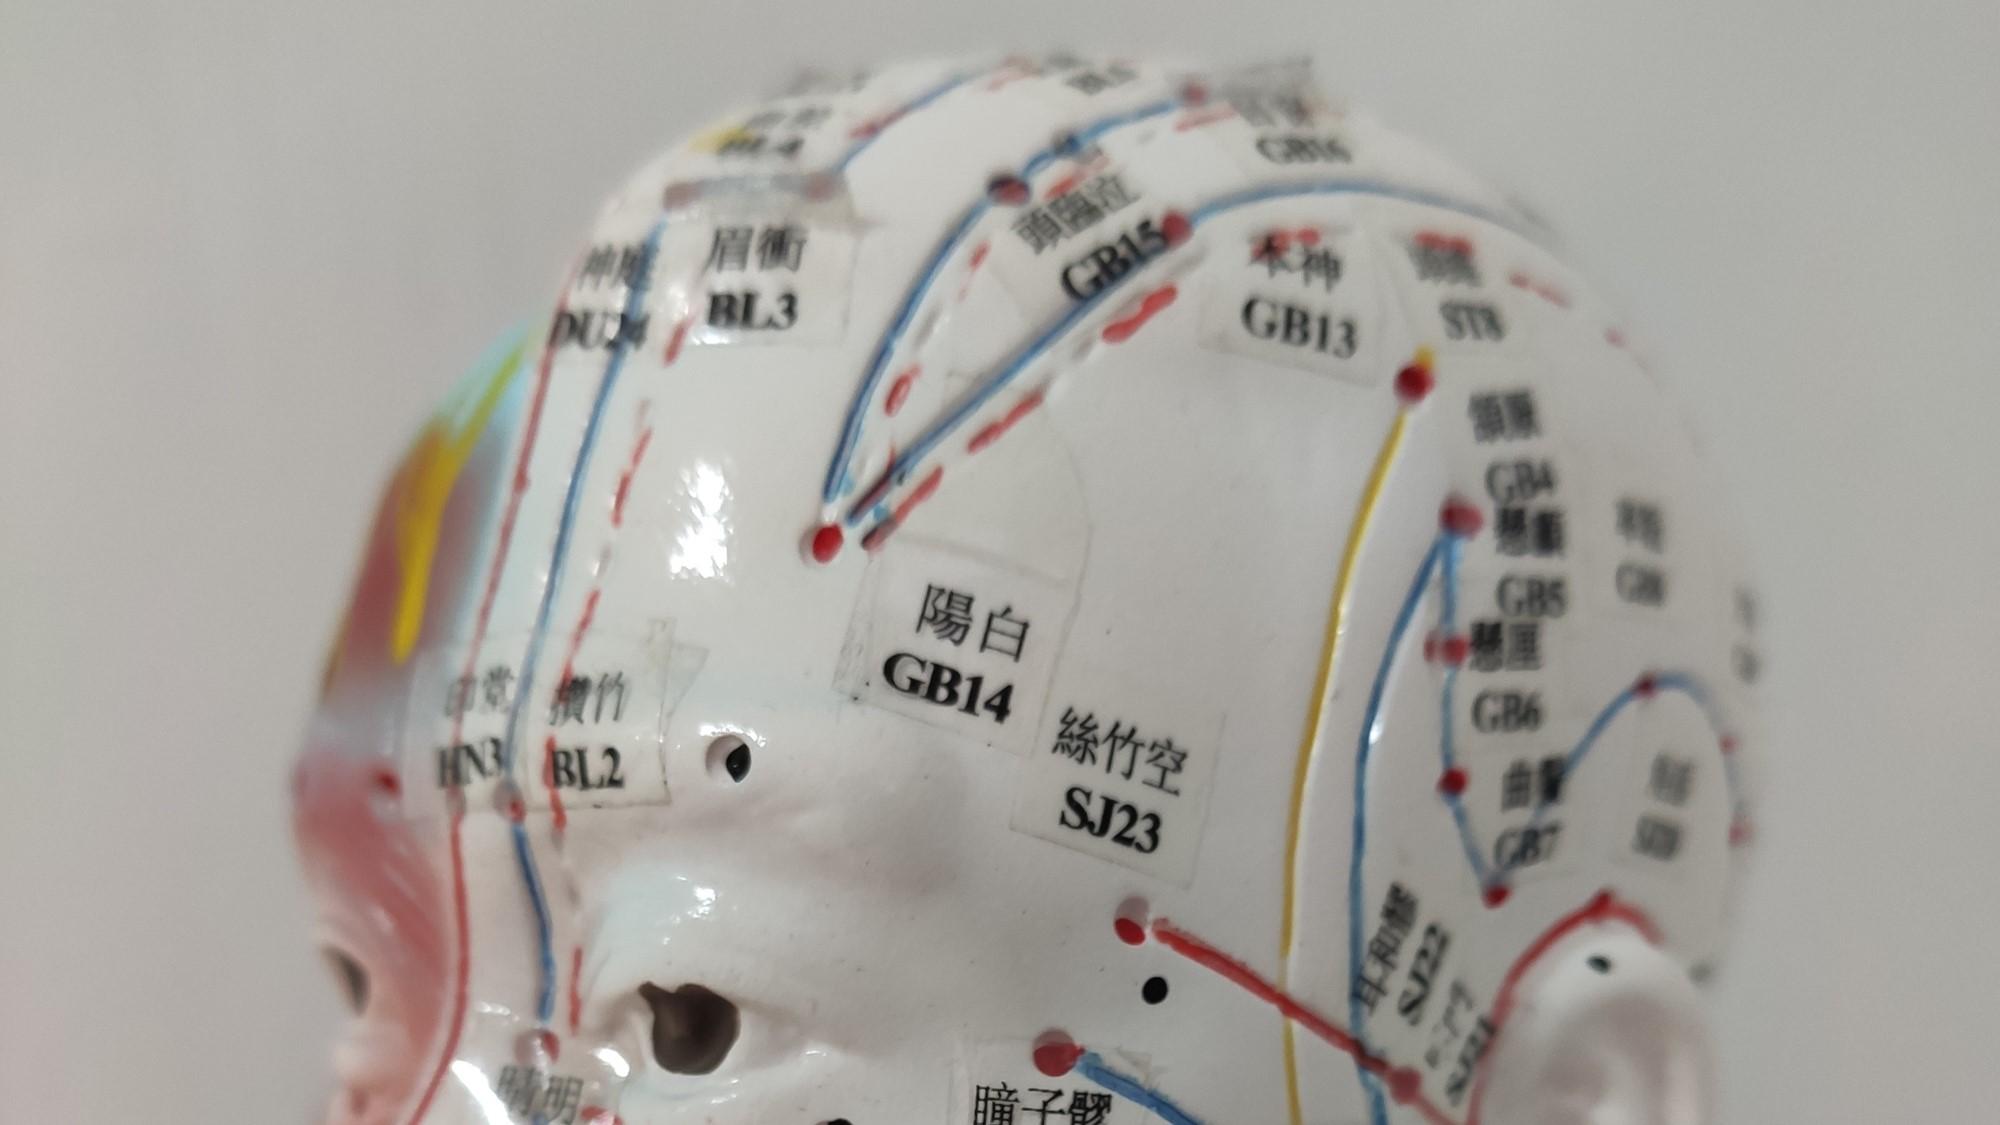 Curso de oftalmología y problemas oculares con acupuntura y fitoterapia